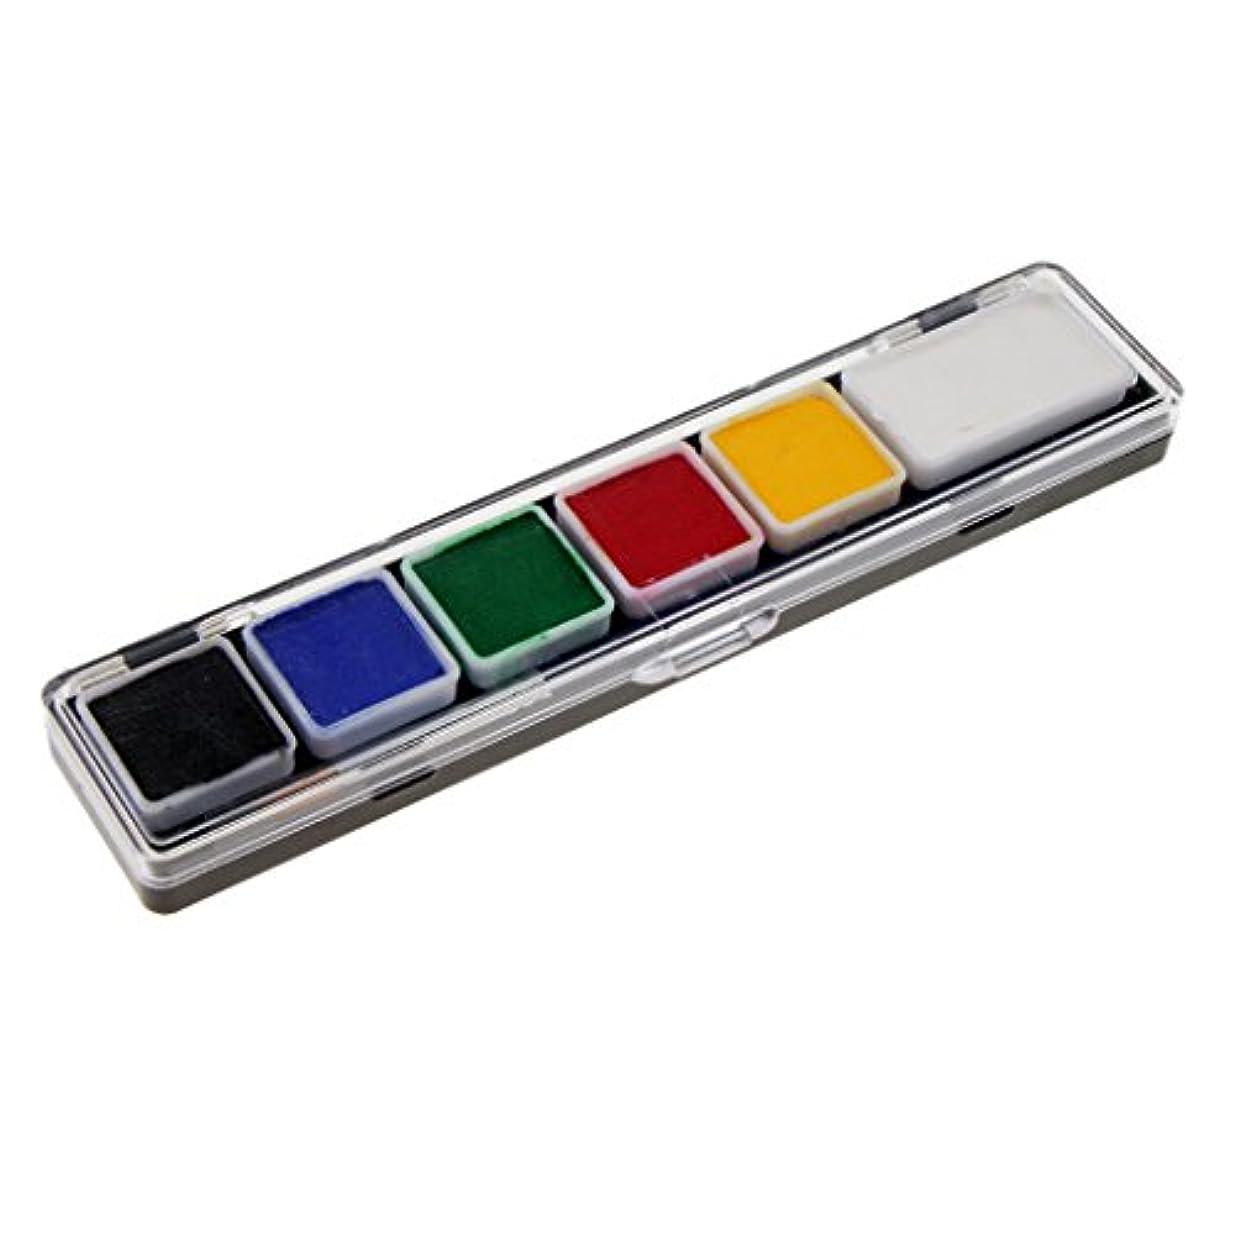 対称トロリーバスカプラーSM SunniMix フェイスペイントパレット ボディーペイント パレット 絵具 6色セット コスプレ仮装用 防水 全6種 - RT005A